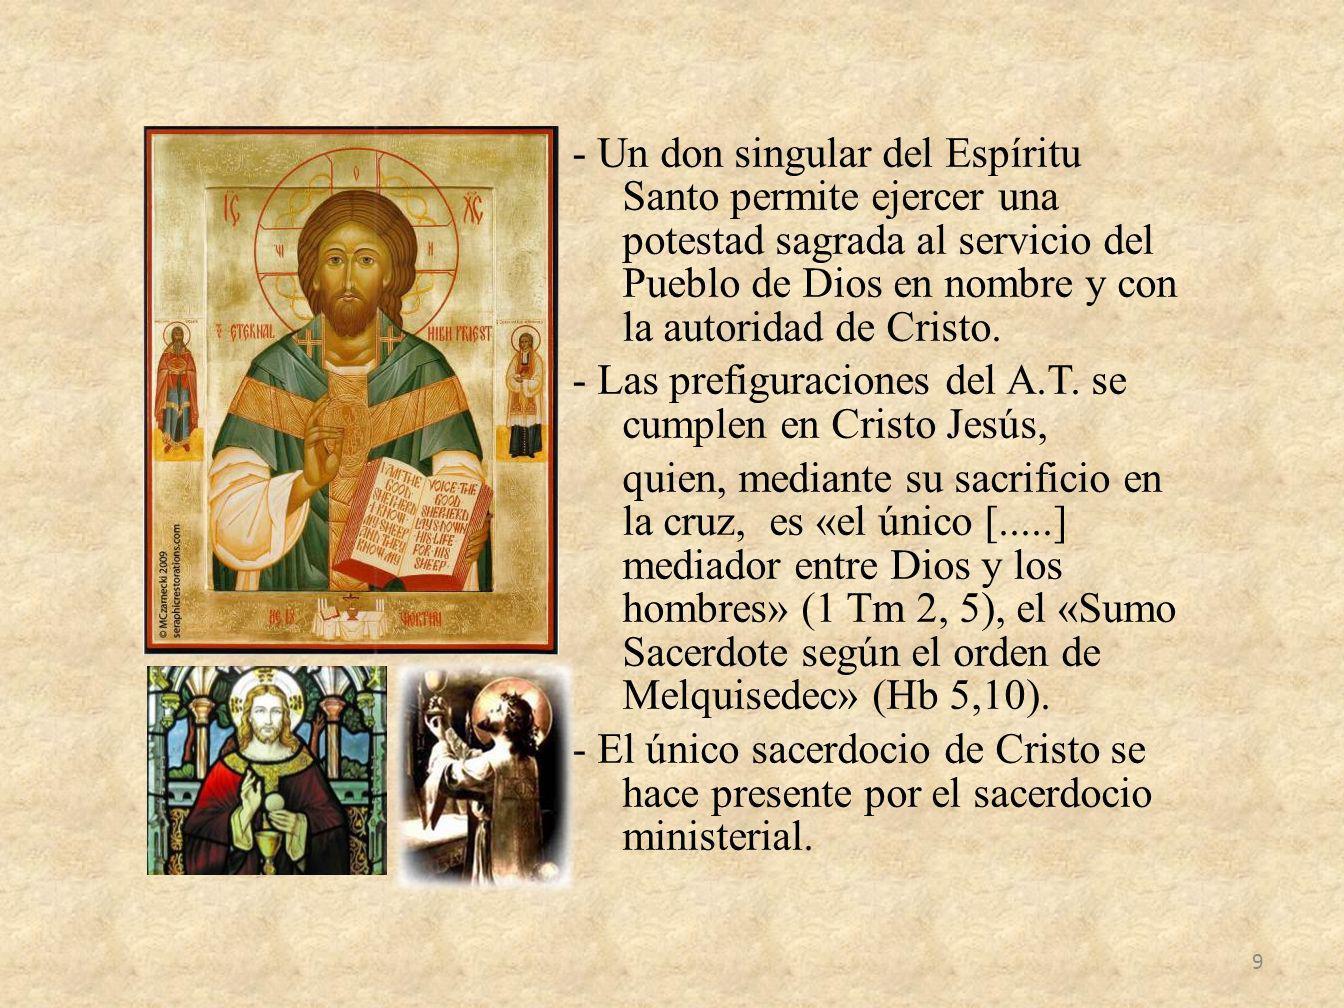 - Un don singular del Espíritu Santo permite ejercer una potestad sagrada al servicio del Pueblo de Dios en nombre y con la autoridad de Cristo. - Las